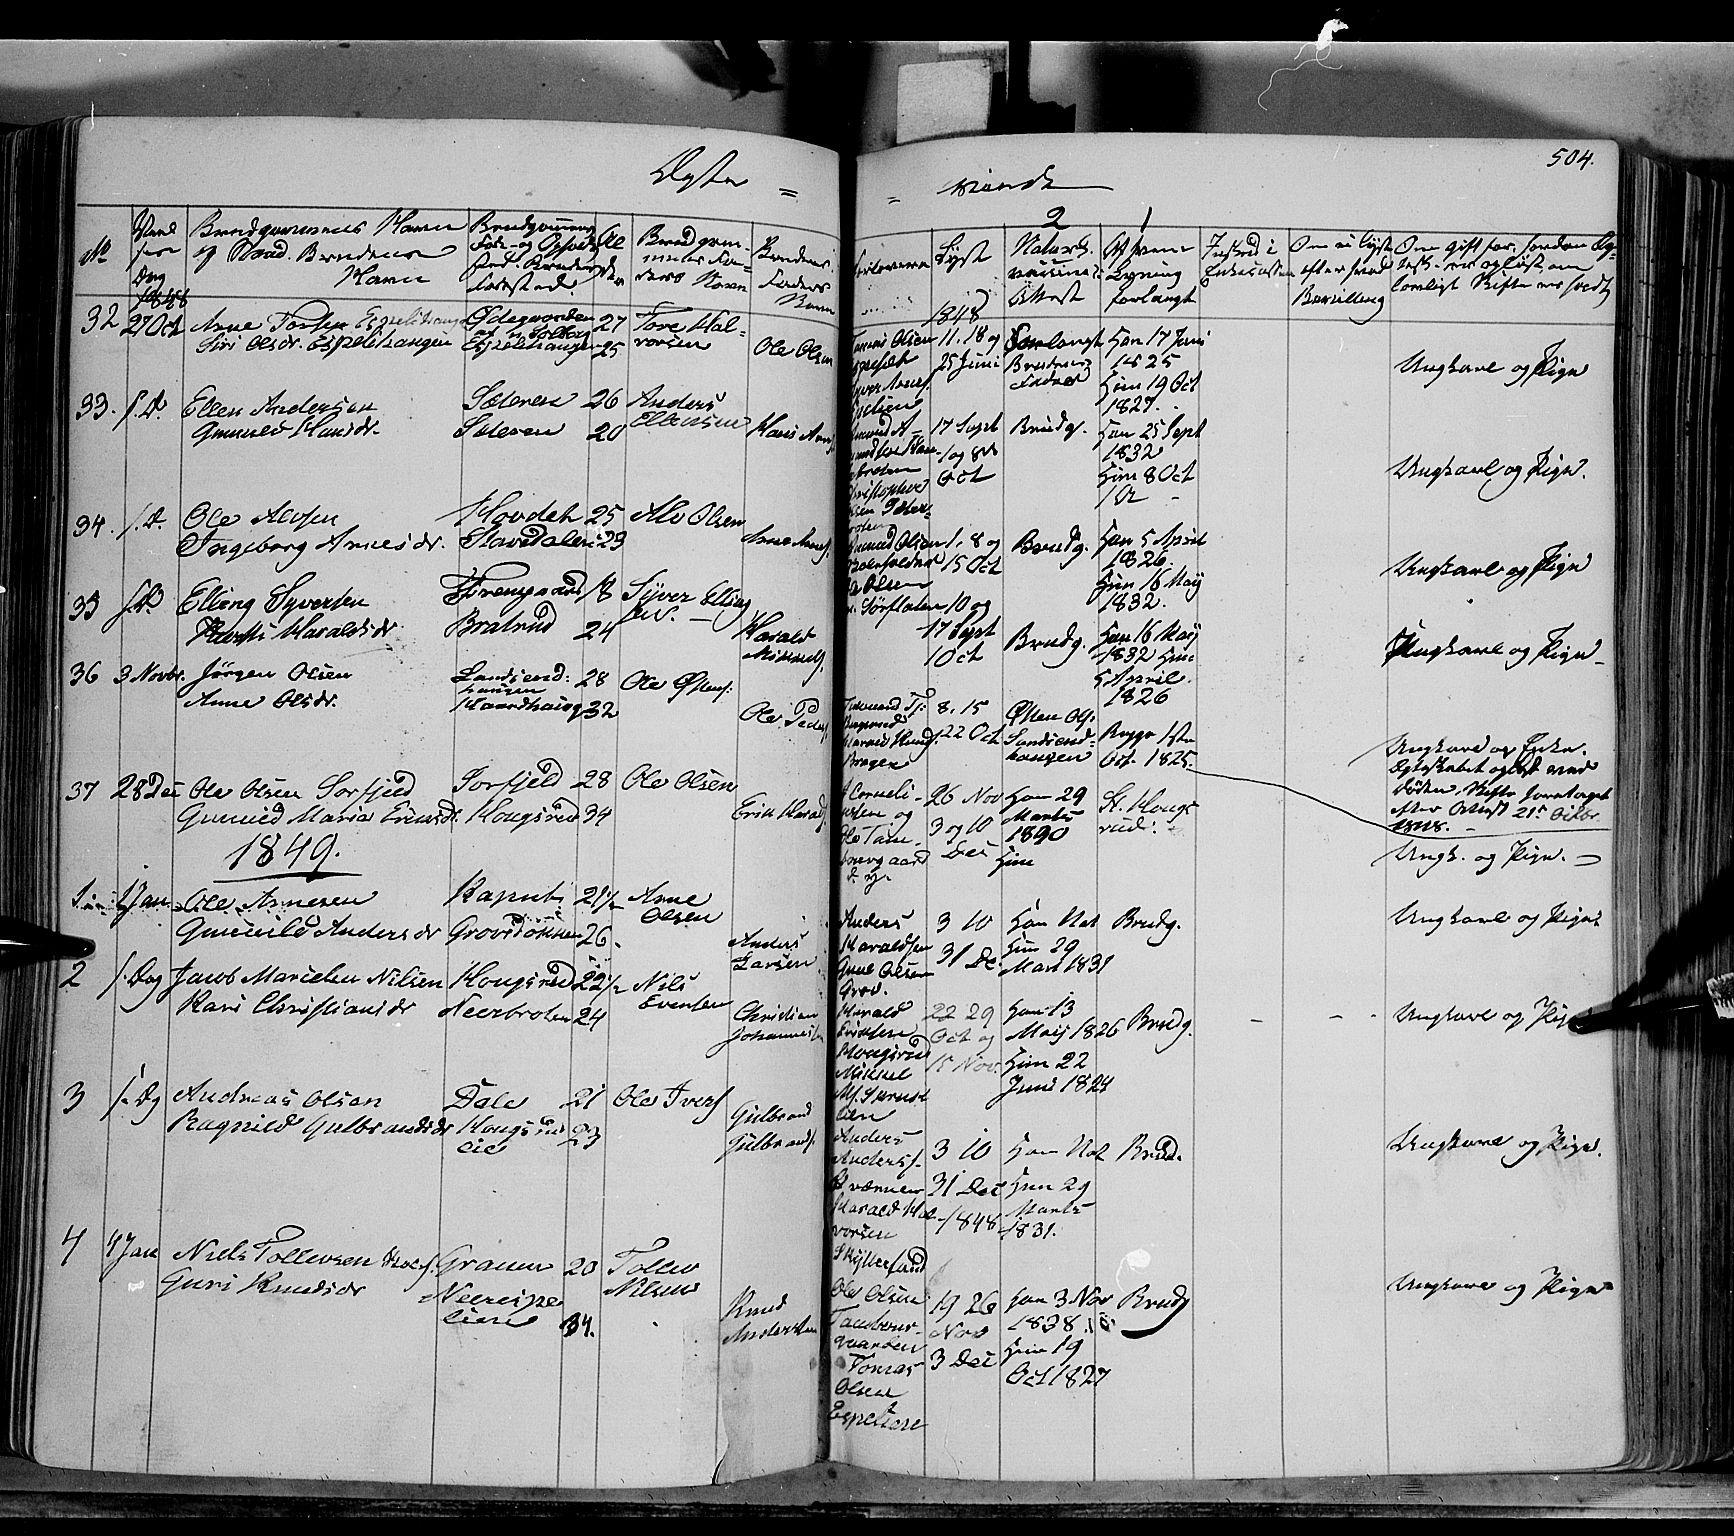 SAH, Sør-Aurdal prestekontor, Ministerialbok nr. 4, 1841-1849, s. 503-504